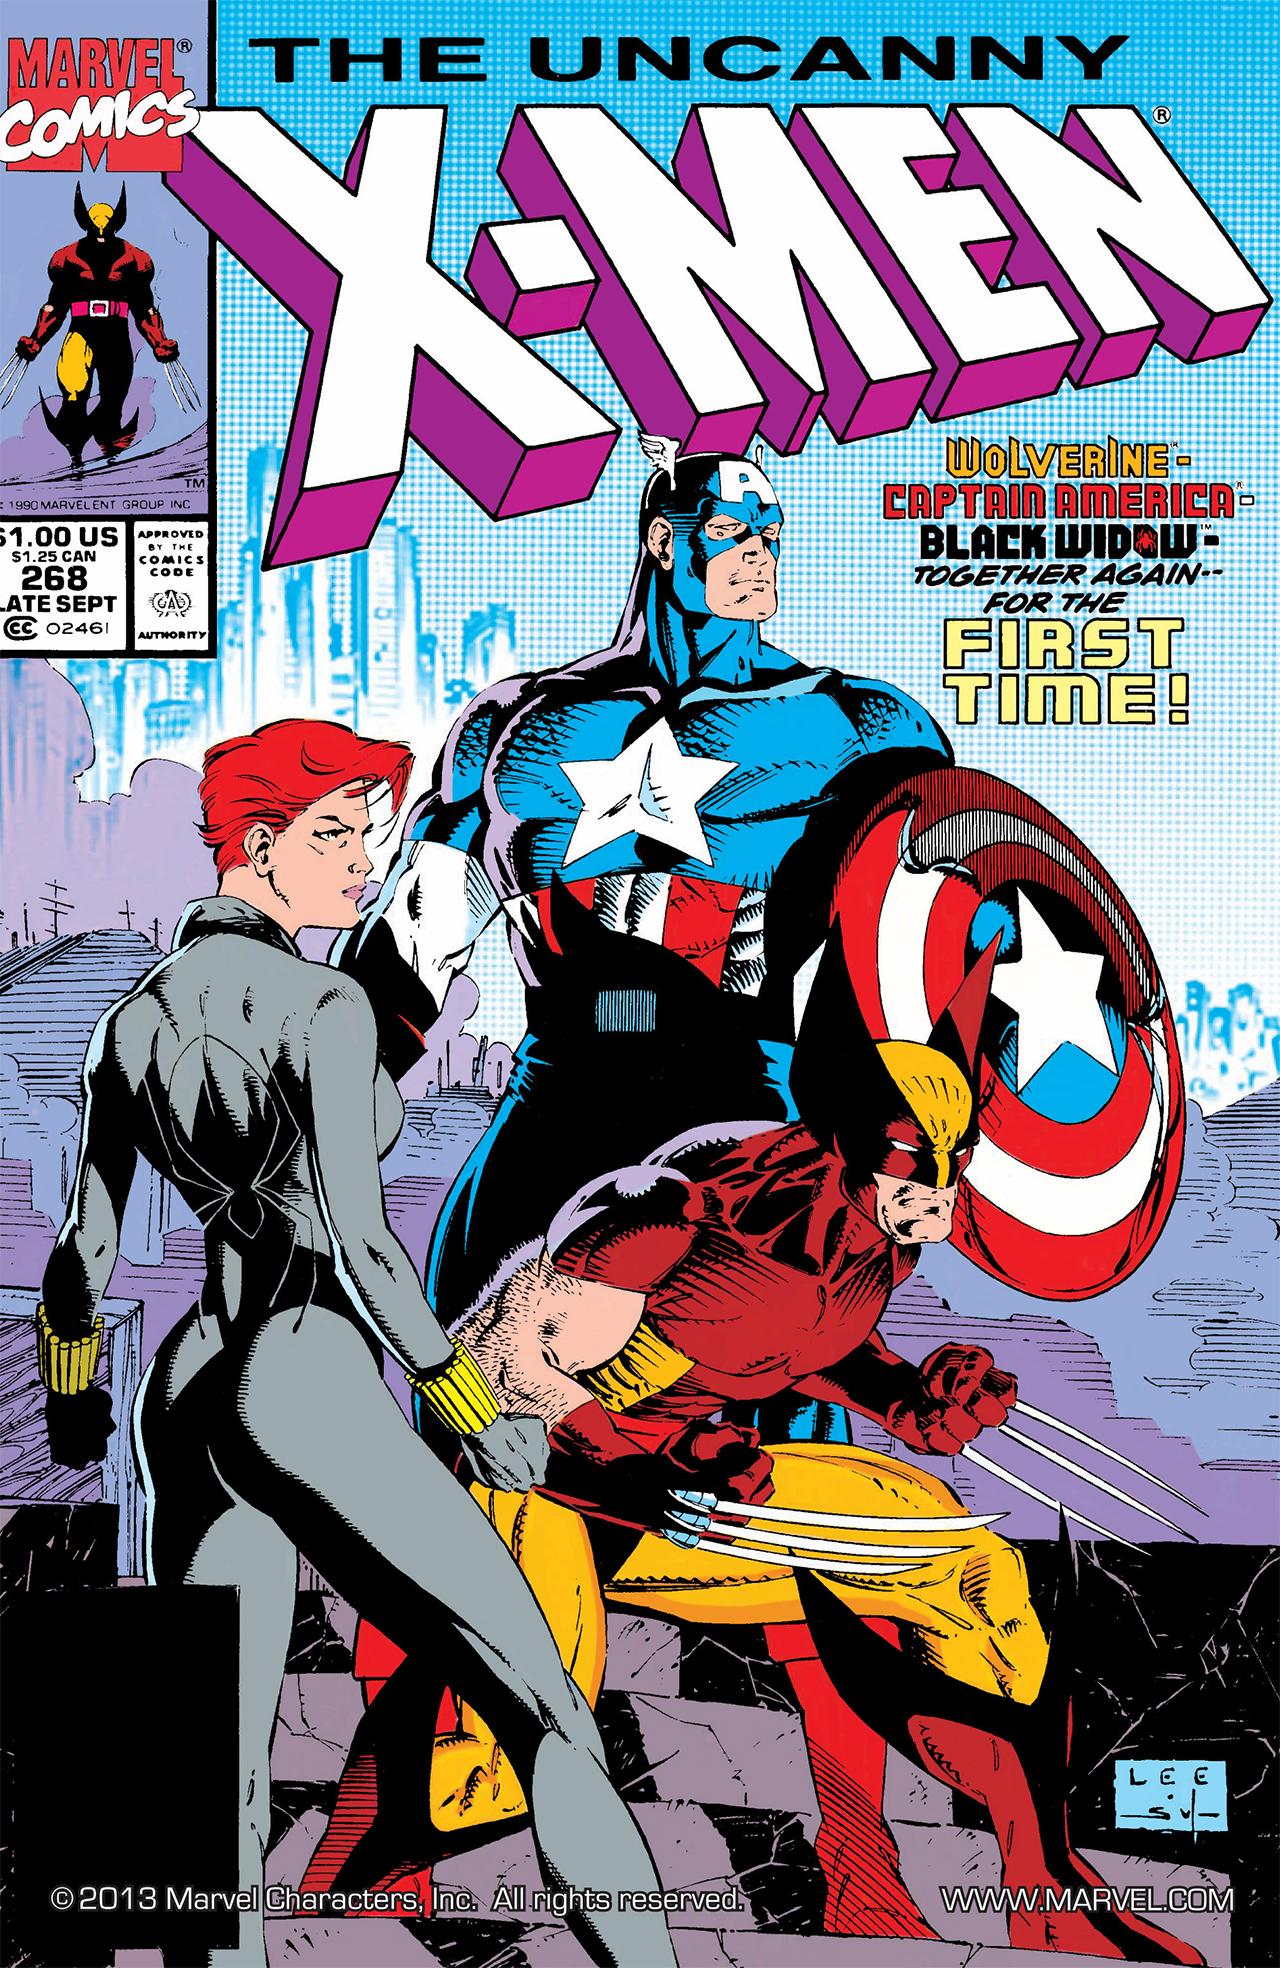 Portada de Uncanny X-Men # 268